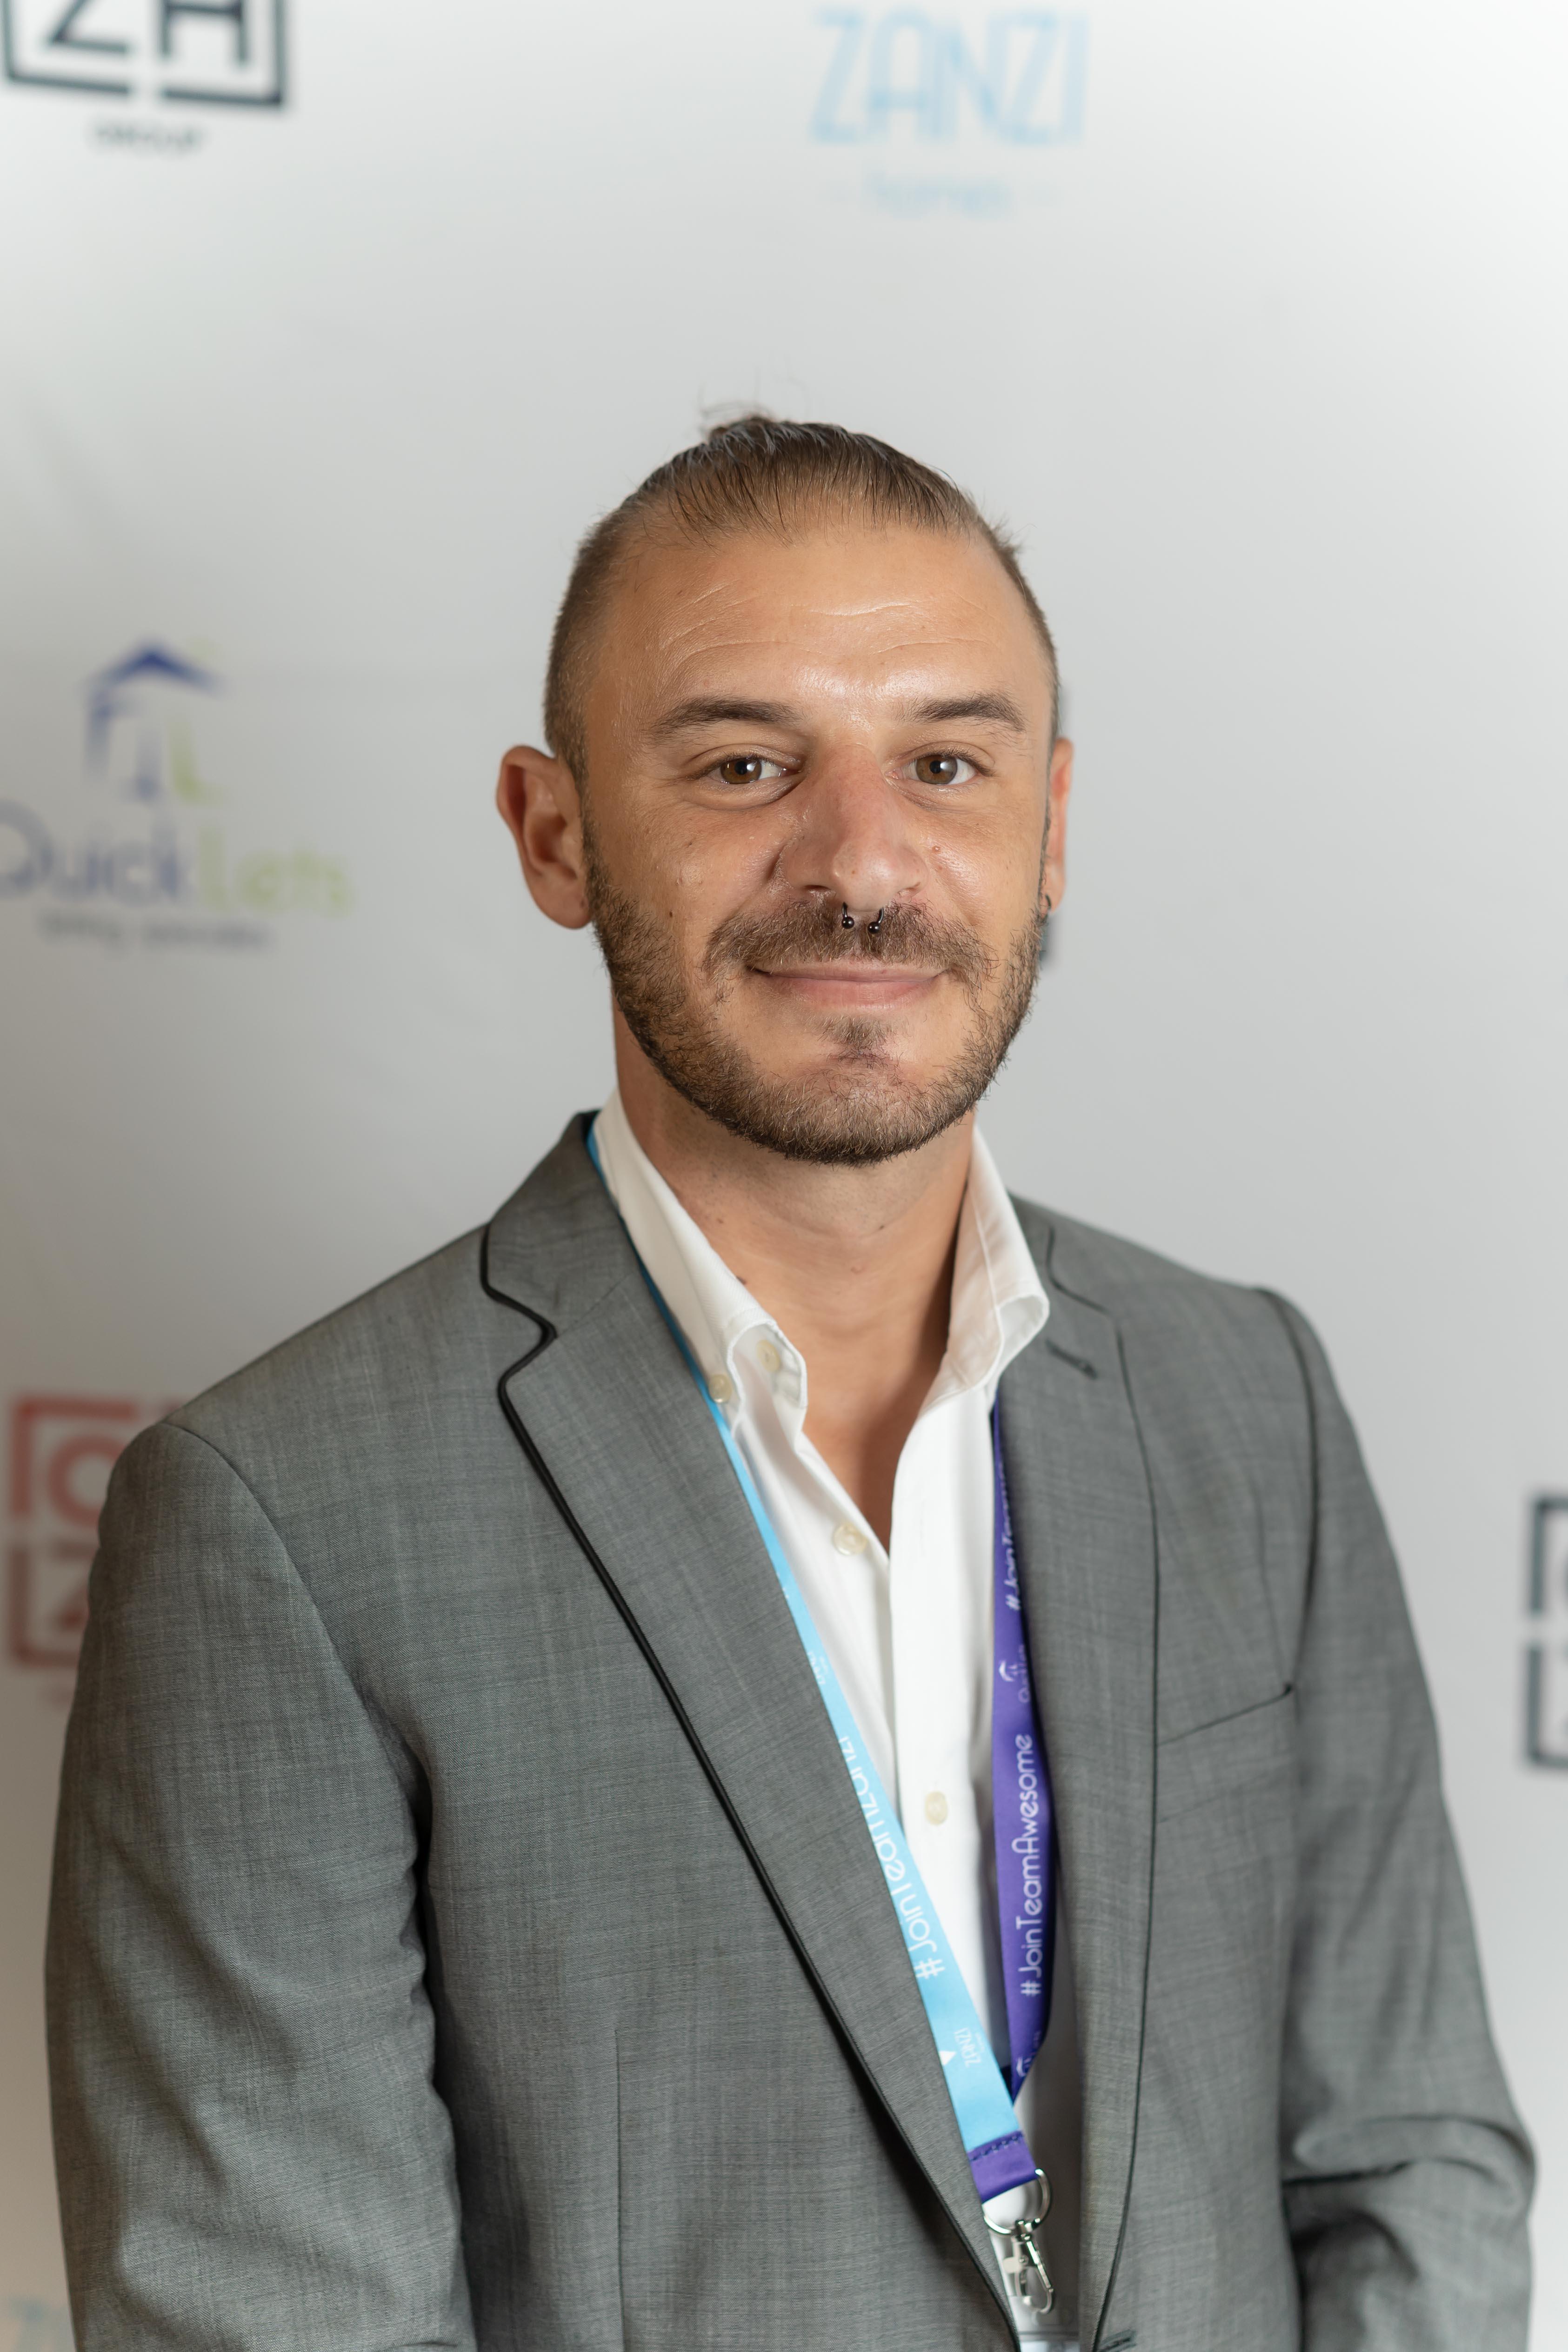 Matthew Farrugia